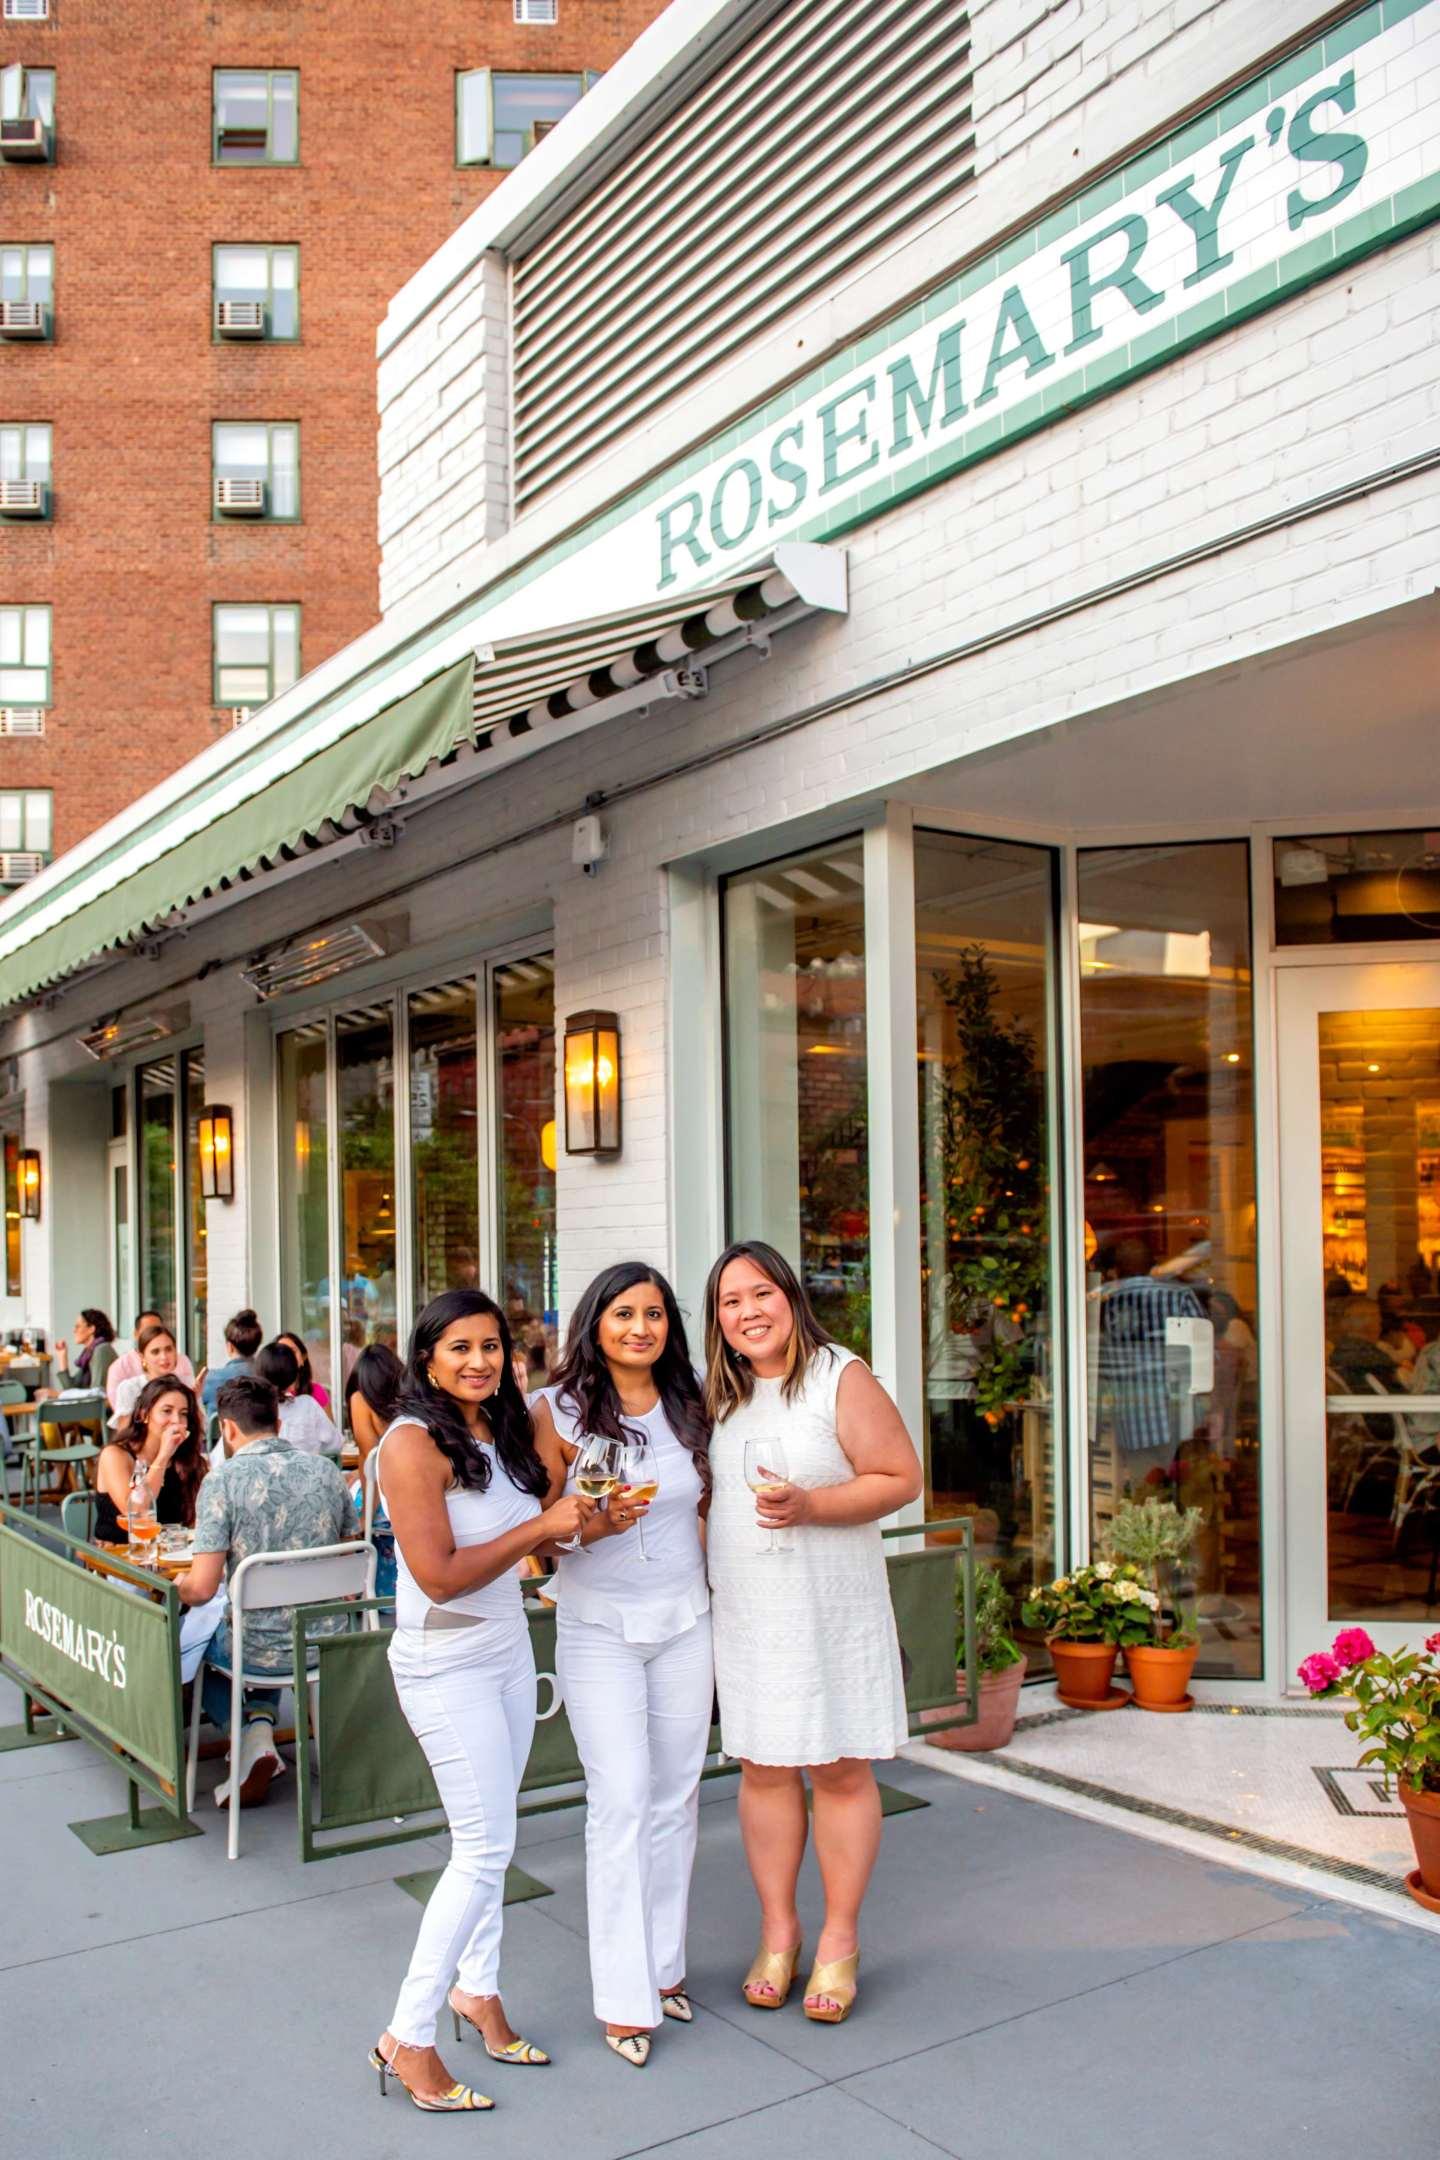 Best Restaurants in StuyTown